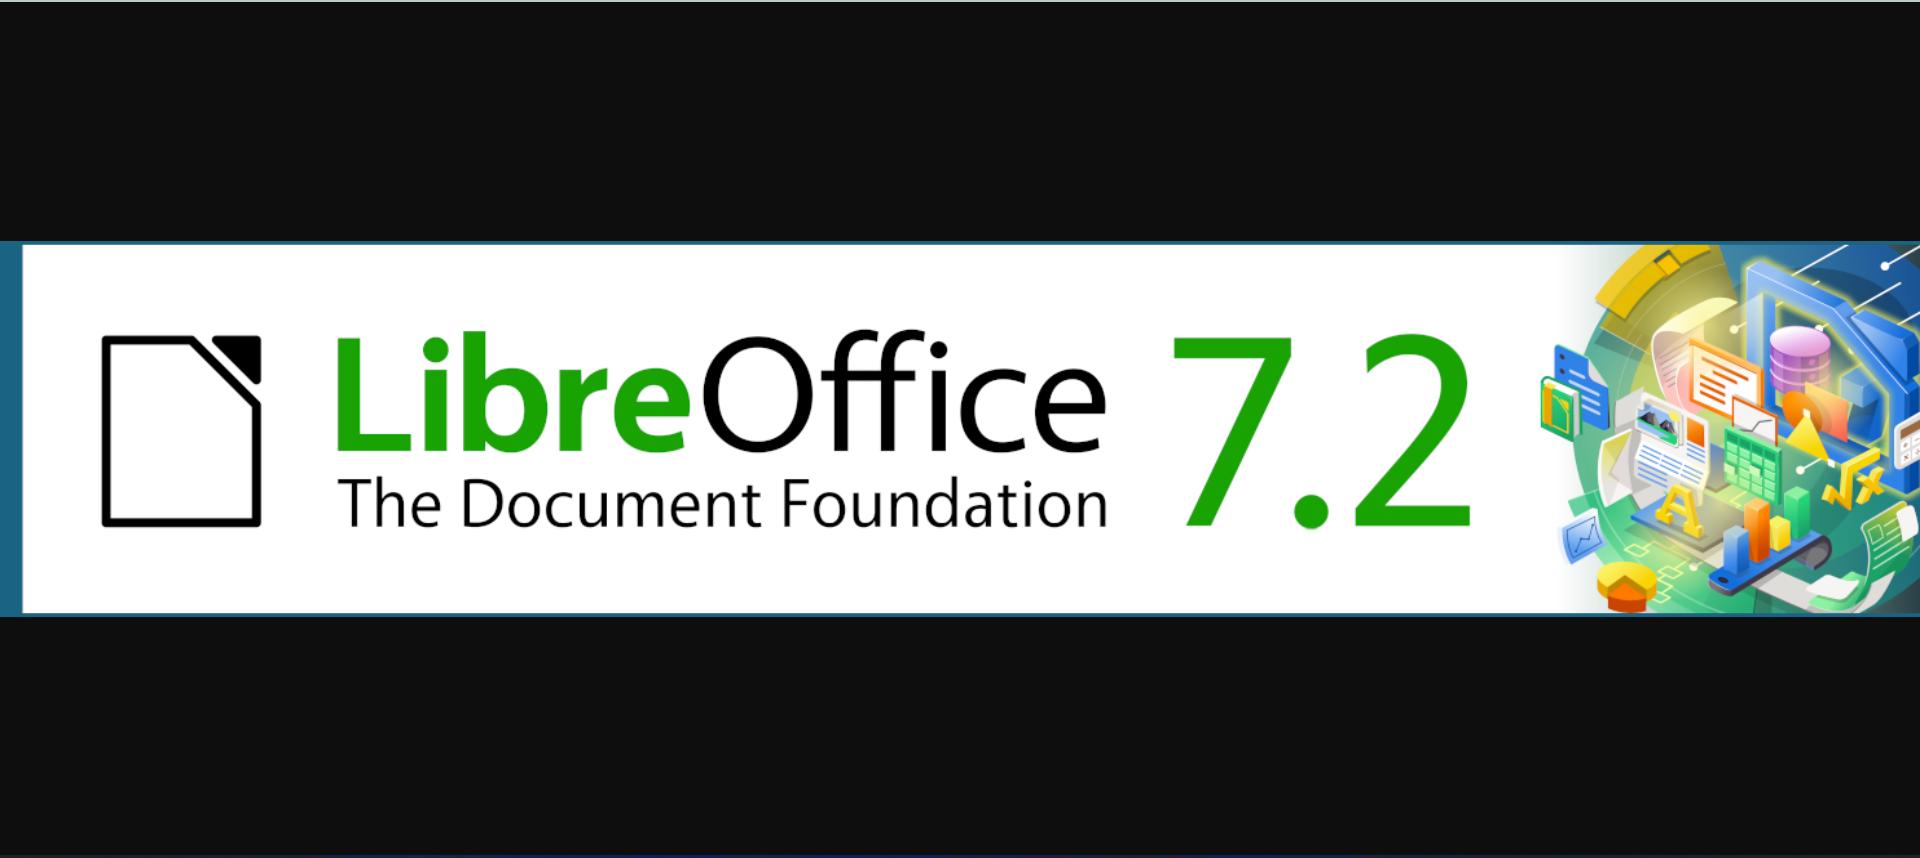 LibreOffice 7.2.2 Community lançado com 68 correções de bugs